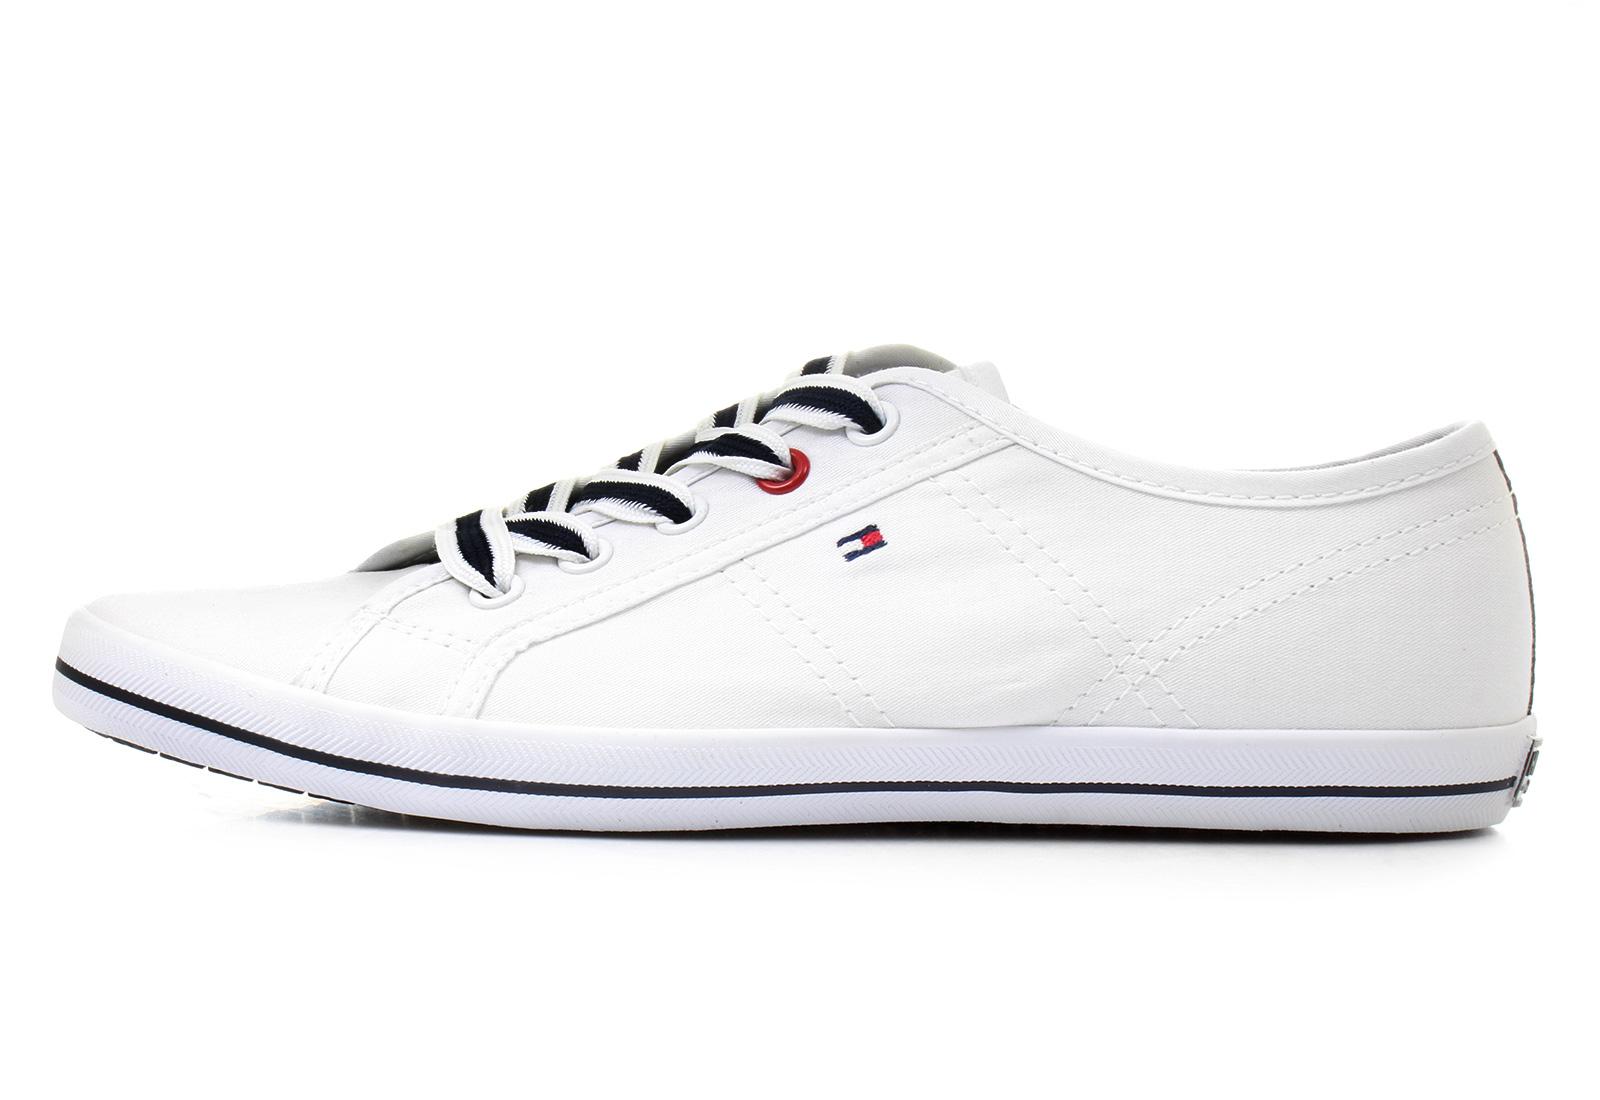 tommy hilfiger shoes victoria 2d 15s 9051 100 online shop for. Black Bedroom Furniture Sets. Home Design Ideas